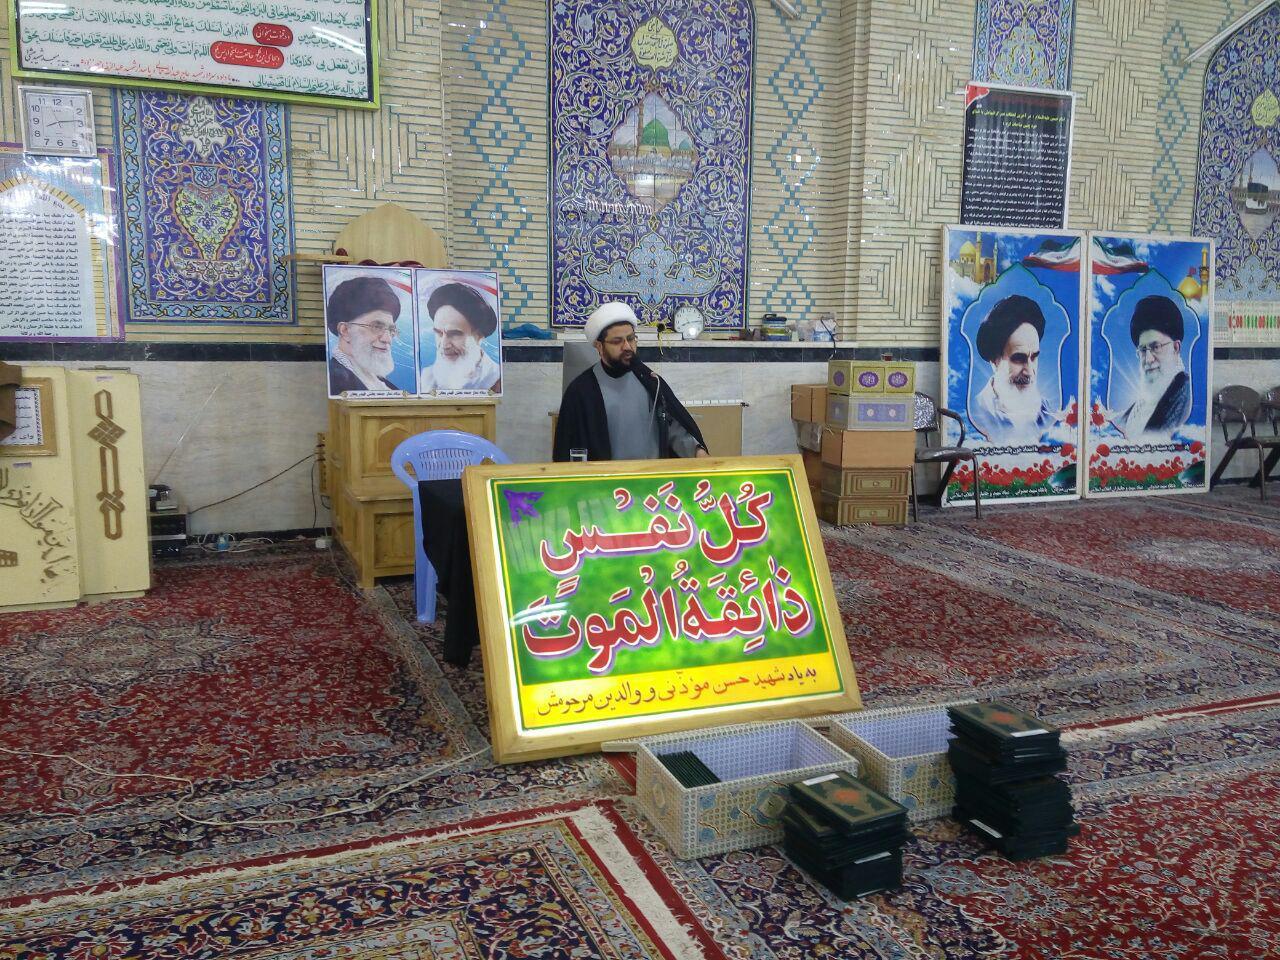 مراسم شهدای گمنام در مسجد شهید بهشتی با حضور و سخنرانی امام جمعه محترم شهر قهدریجان و مسئولین شهرست